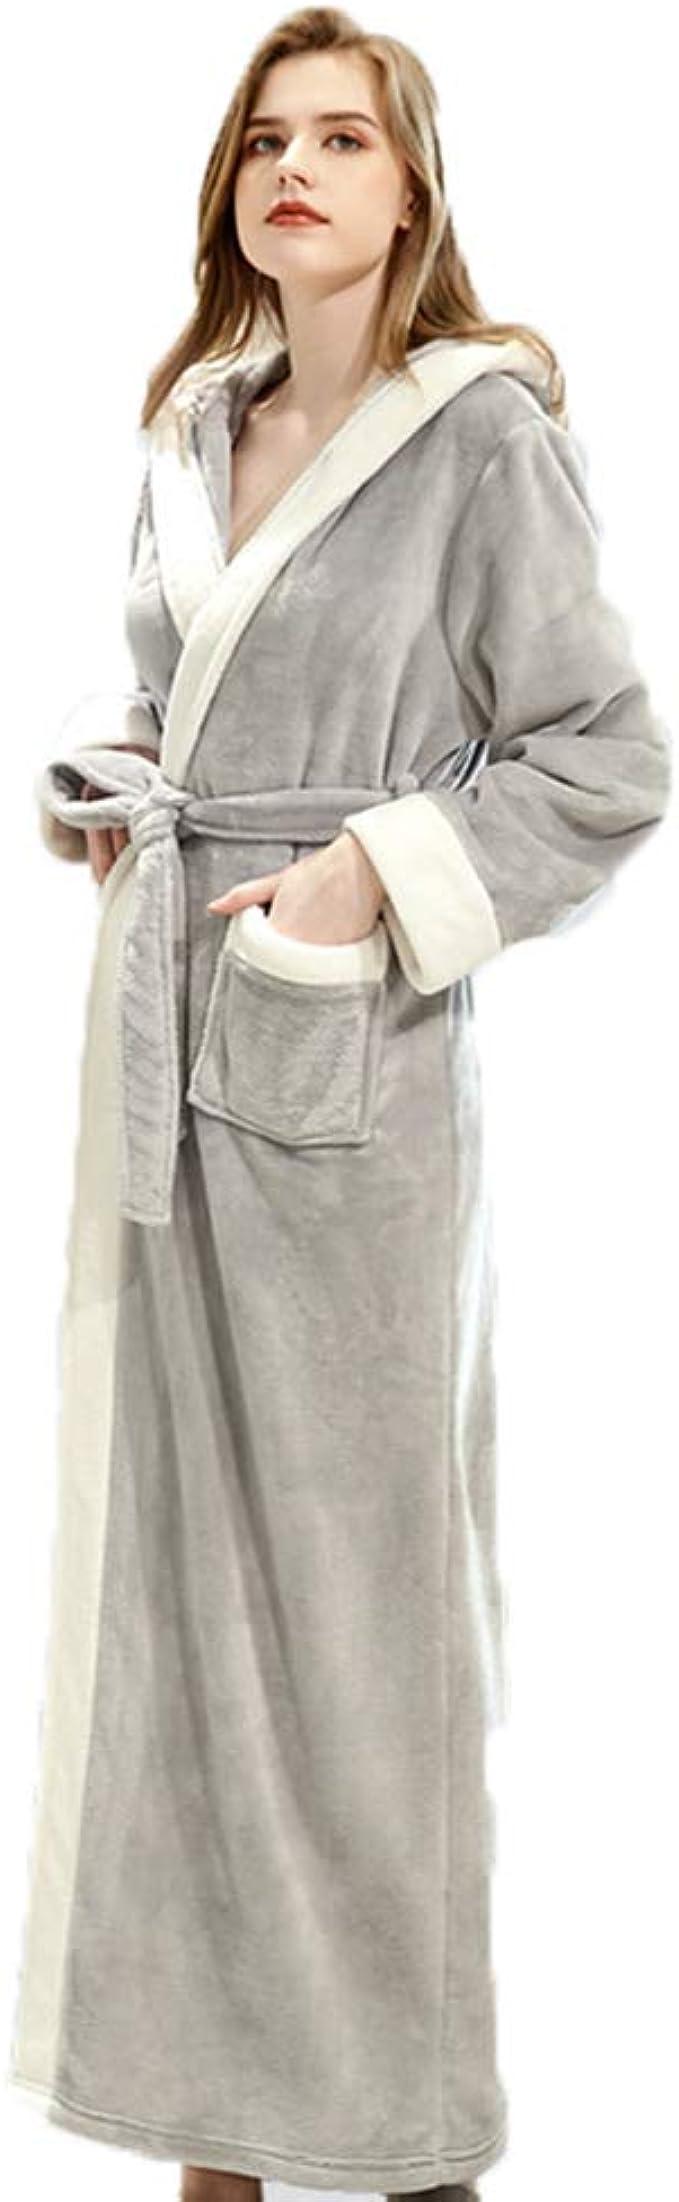 Robe de Chambre Longue en Flanelle Luxueuse Peignoir de Bain dhiver Moelleux Confortable Col Ch/âle Chemise de Nuit pour Salle de Bain Chambre Salon Voyage pour Unisexe Couple M L XL